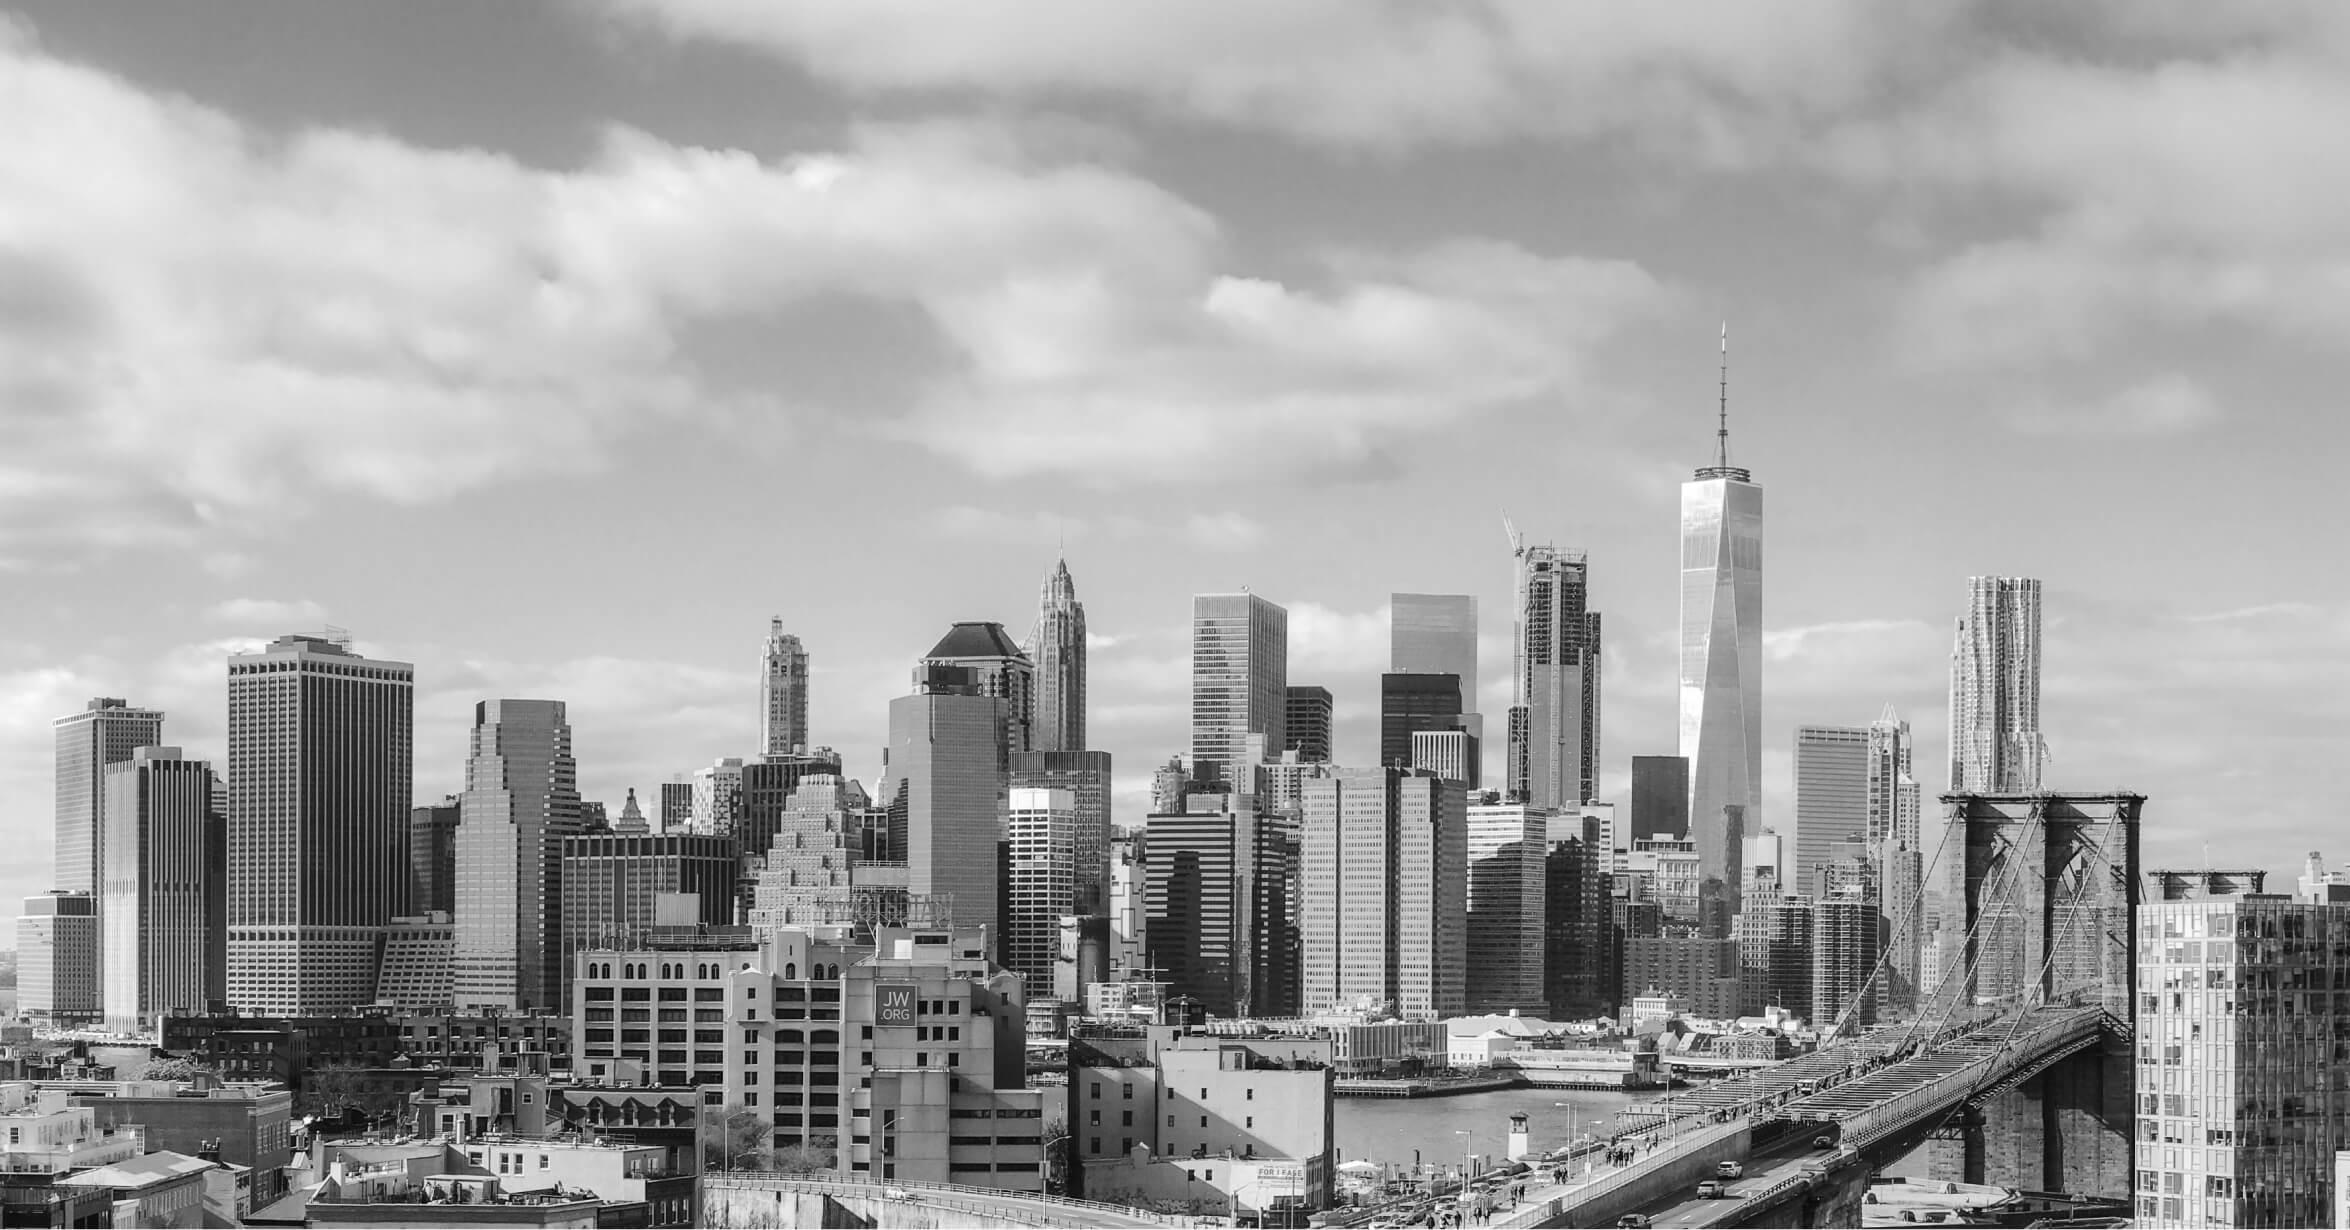 A city scape